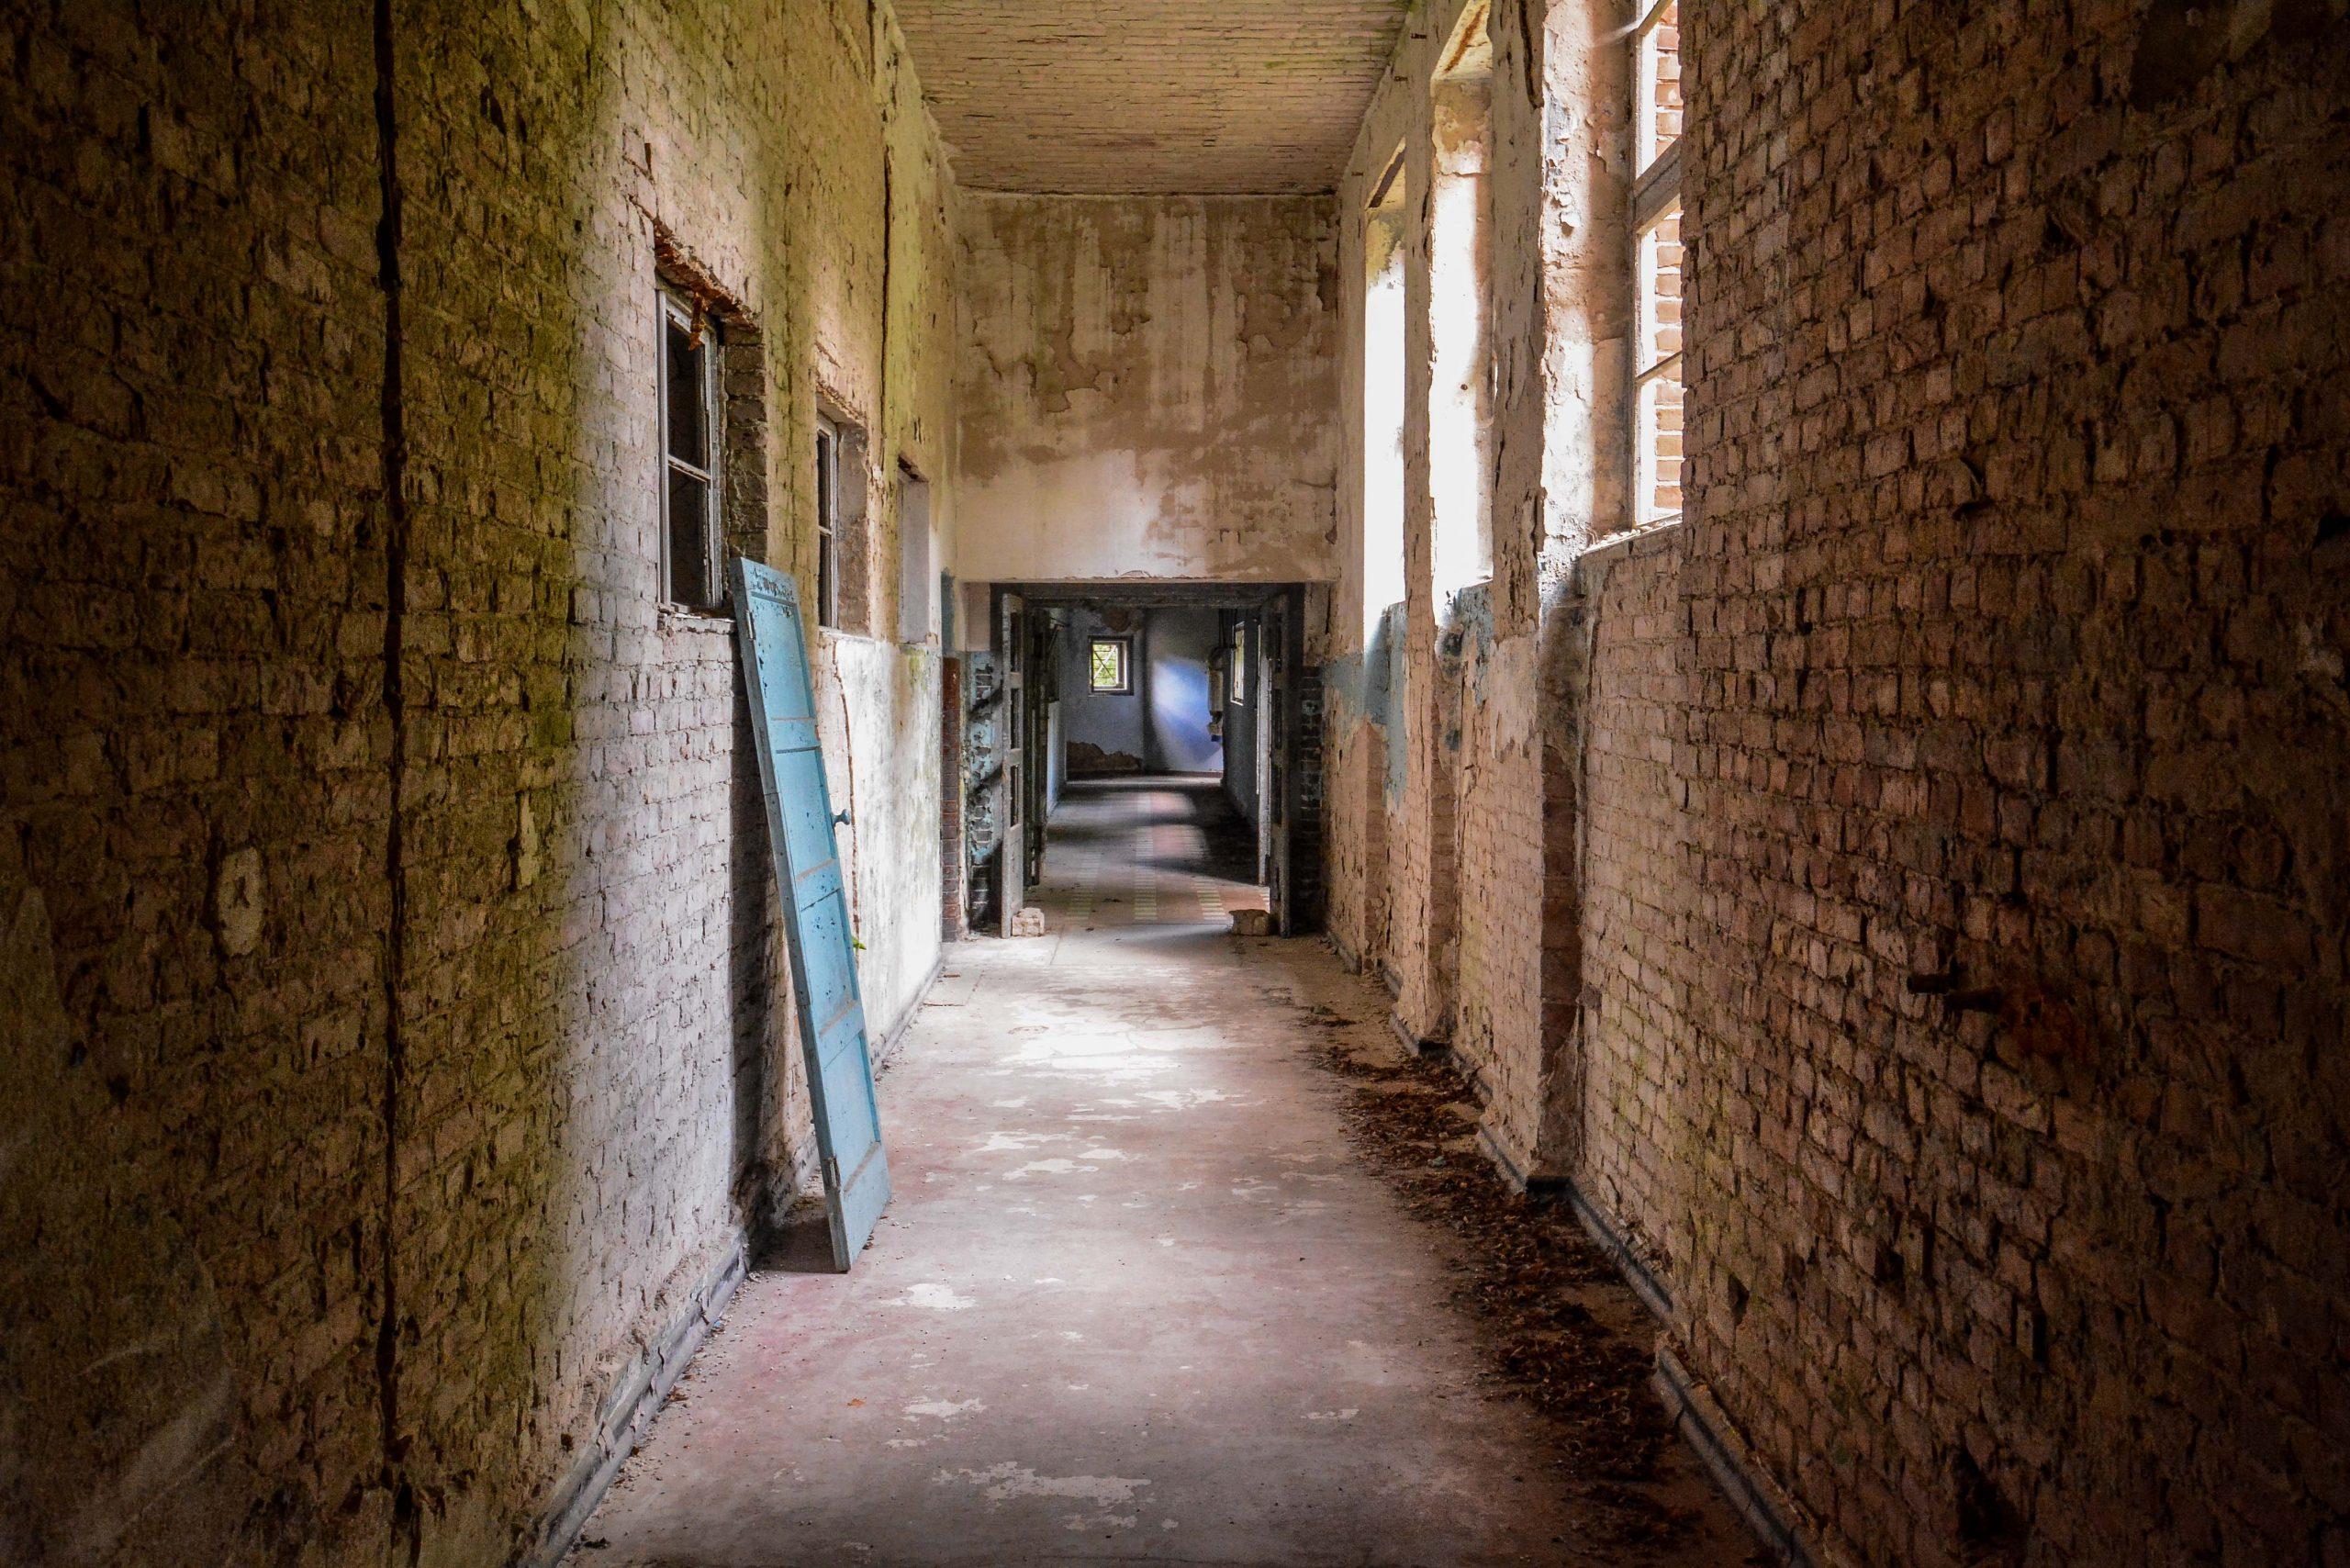 brick hallway tuberkulose heilstaette grabowsee sanatorium hospital oranienburg lost places abandoned urbex brandenburg germany deutschland